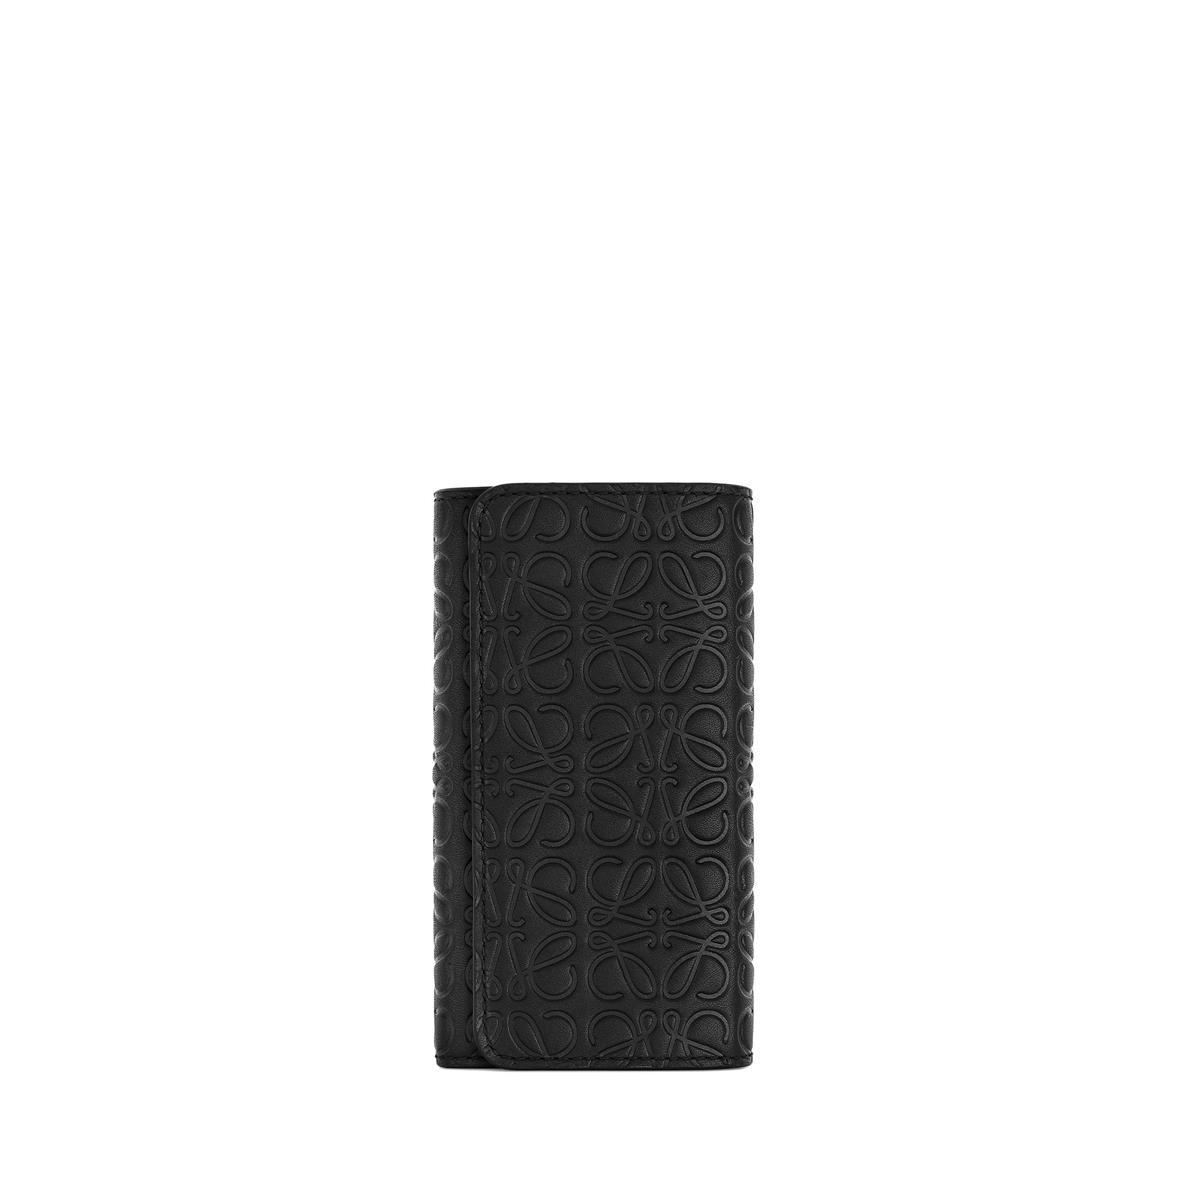 LOEWE 6 キー キーリング ブラック front